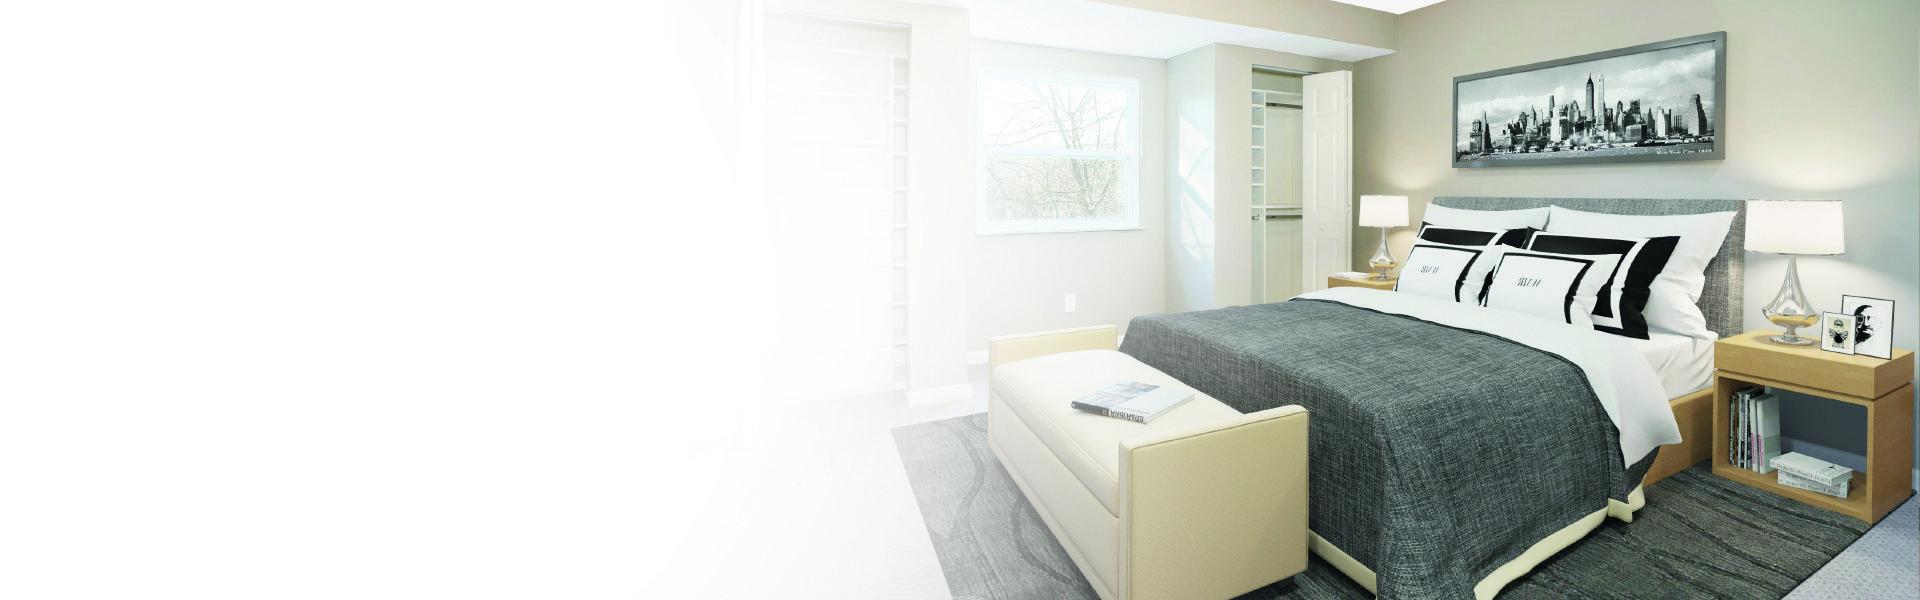 Foto de un dormitorio pintado de gris